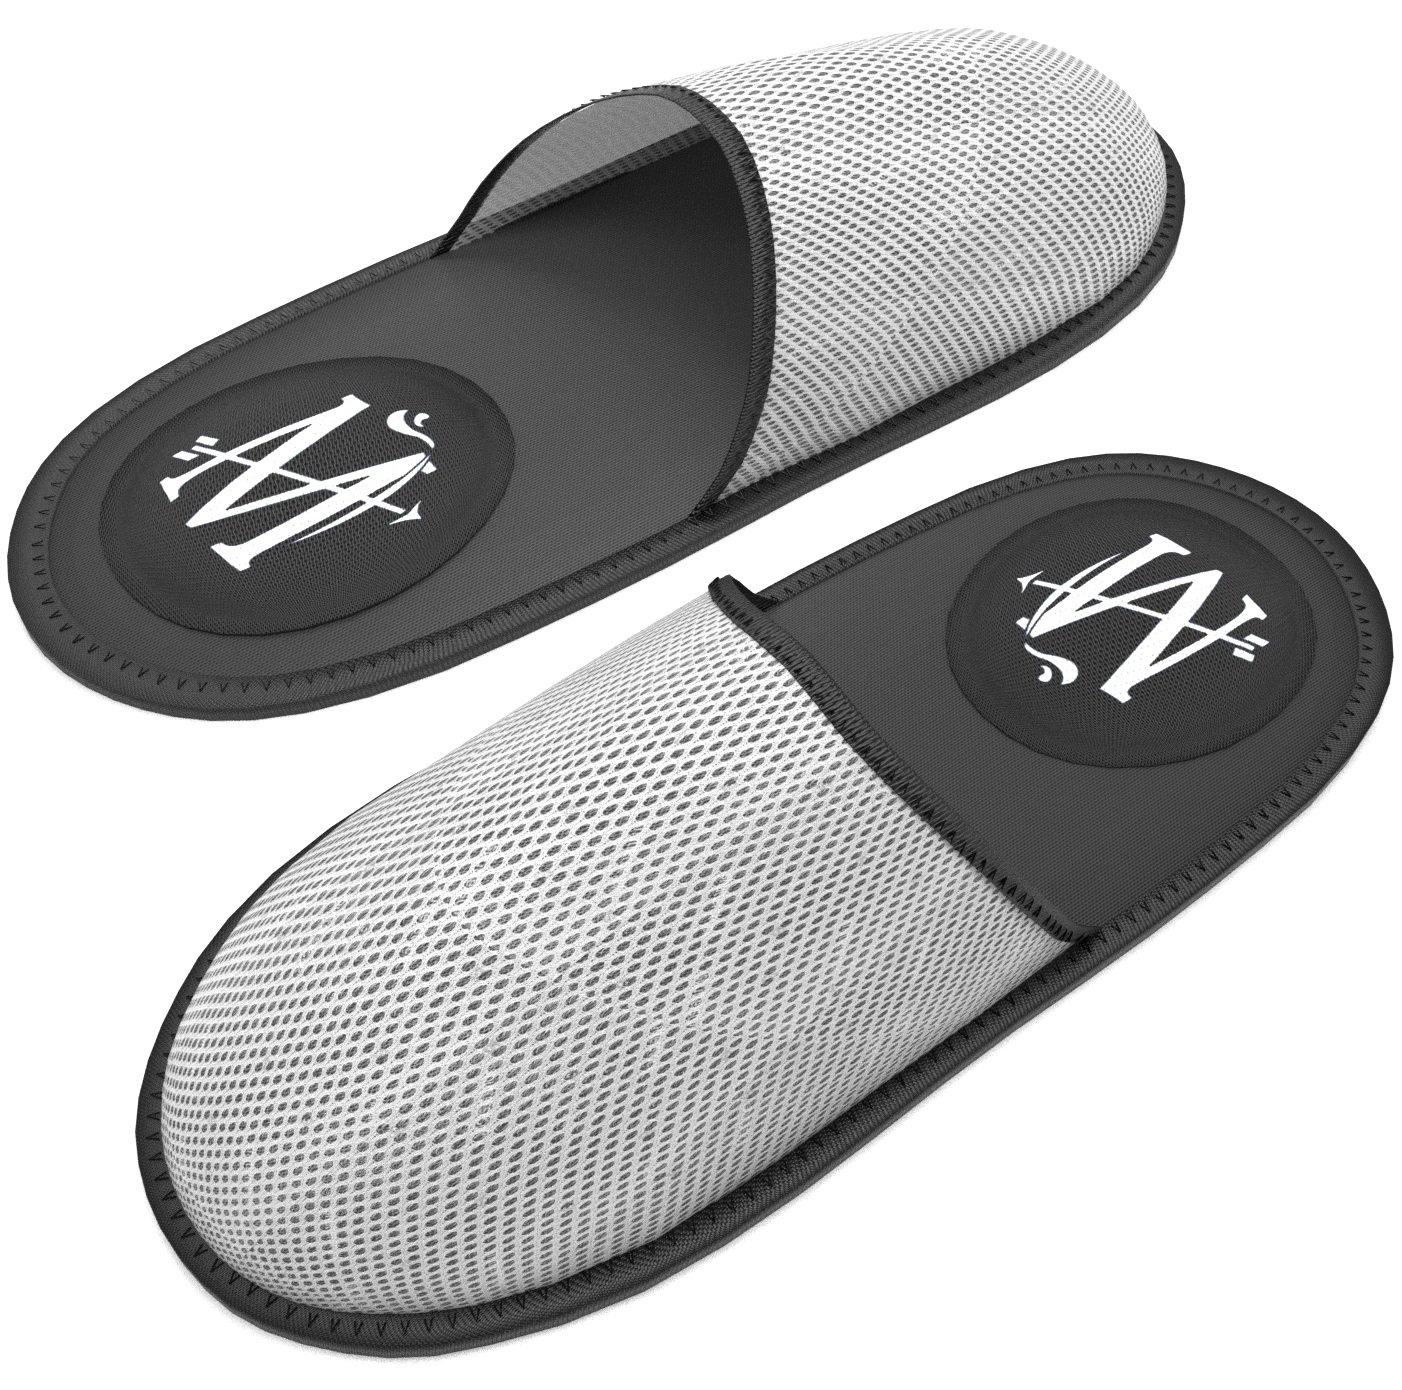 MT 高级 Spa/Hotel 拖鞋 - 男式女式奢华旅行*店防滑氯丁橡胶凉鞋 - 男女皆宜 - 均码 - 可重复使用 轻便便携 可折叠